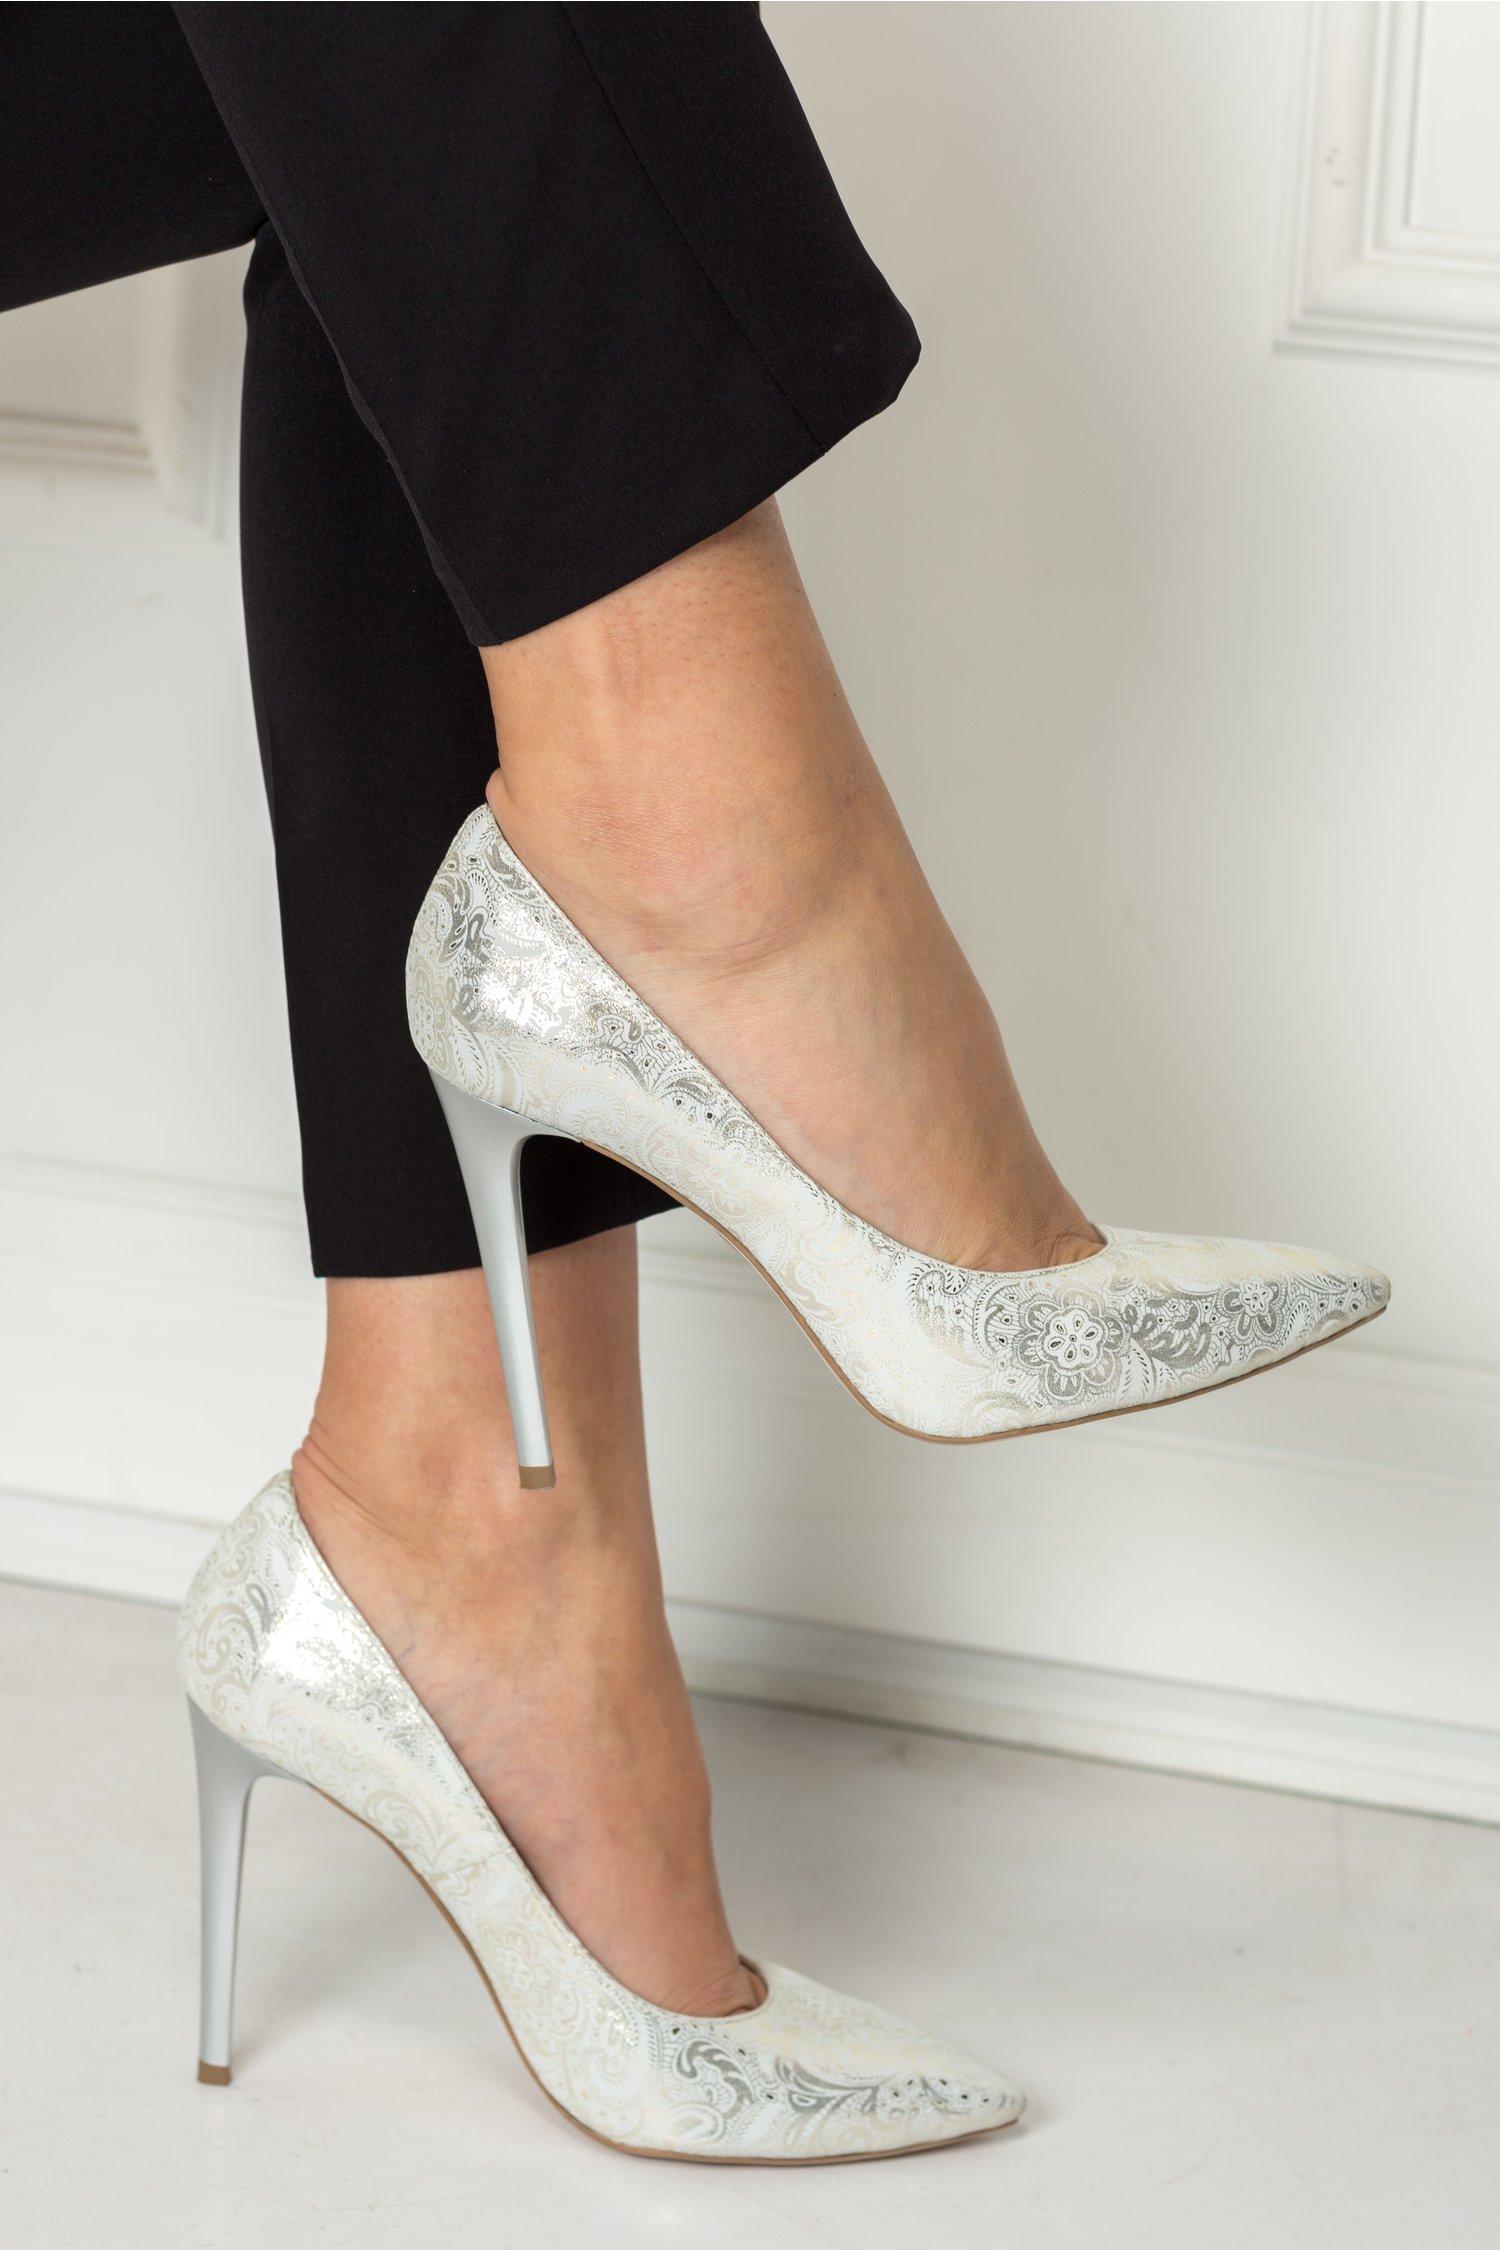 Pantofi Amaranda argintiu stiletto cu imprimeuri, colectia 2018